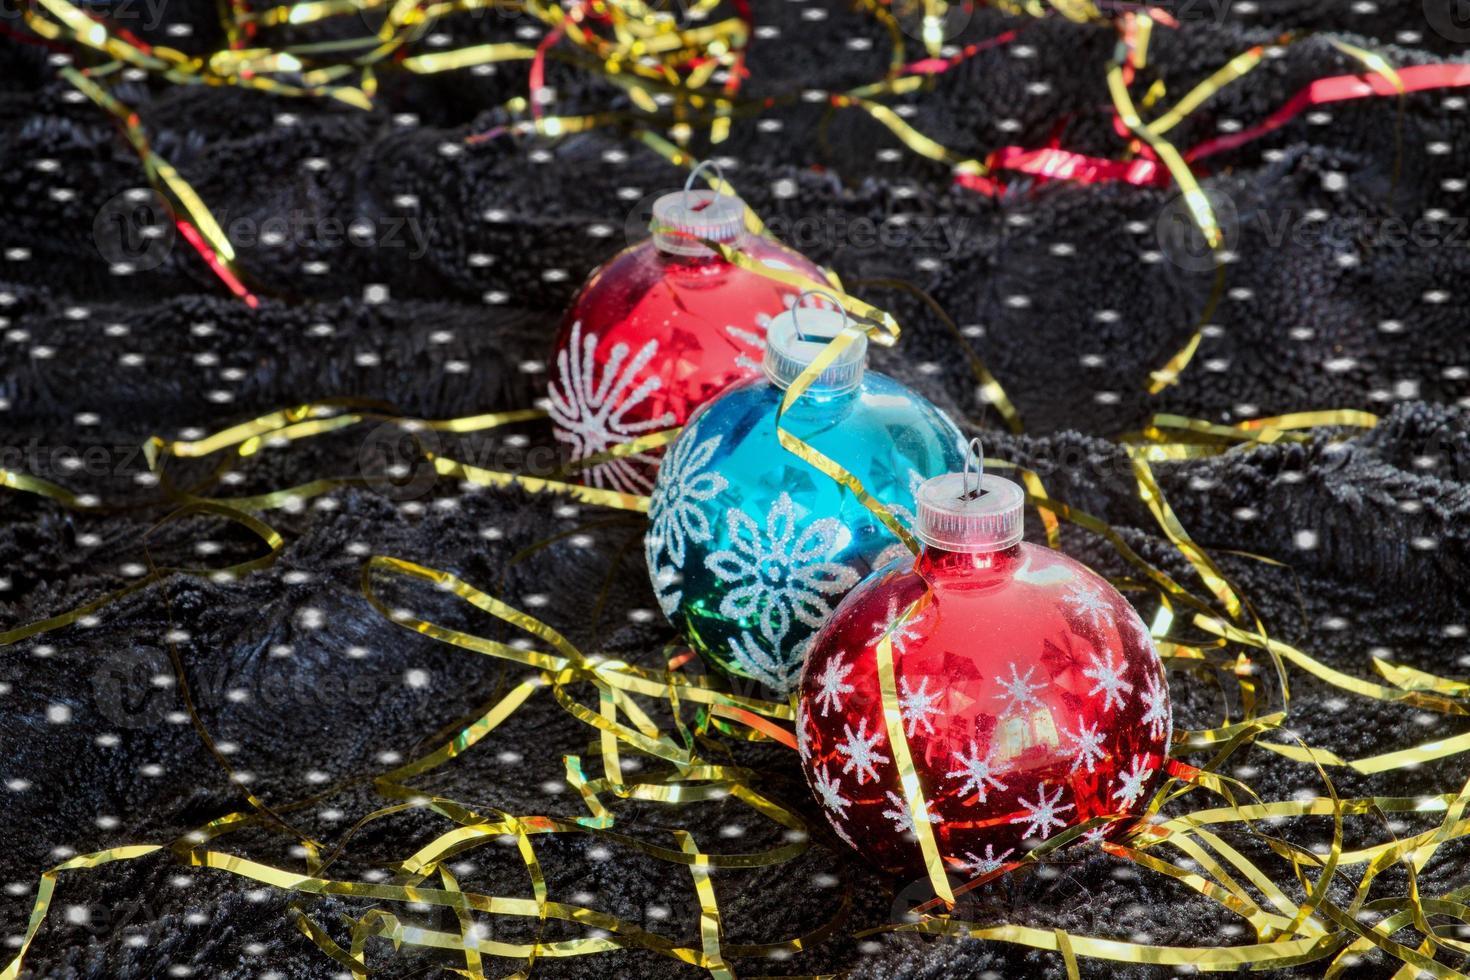 juldekoration med snöflingor på svart sammet foto